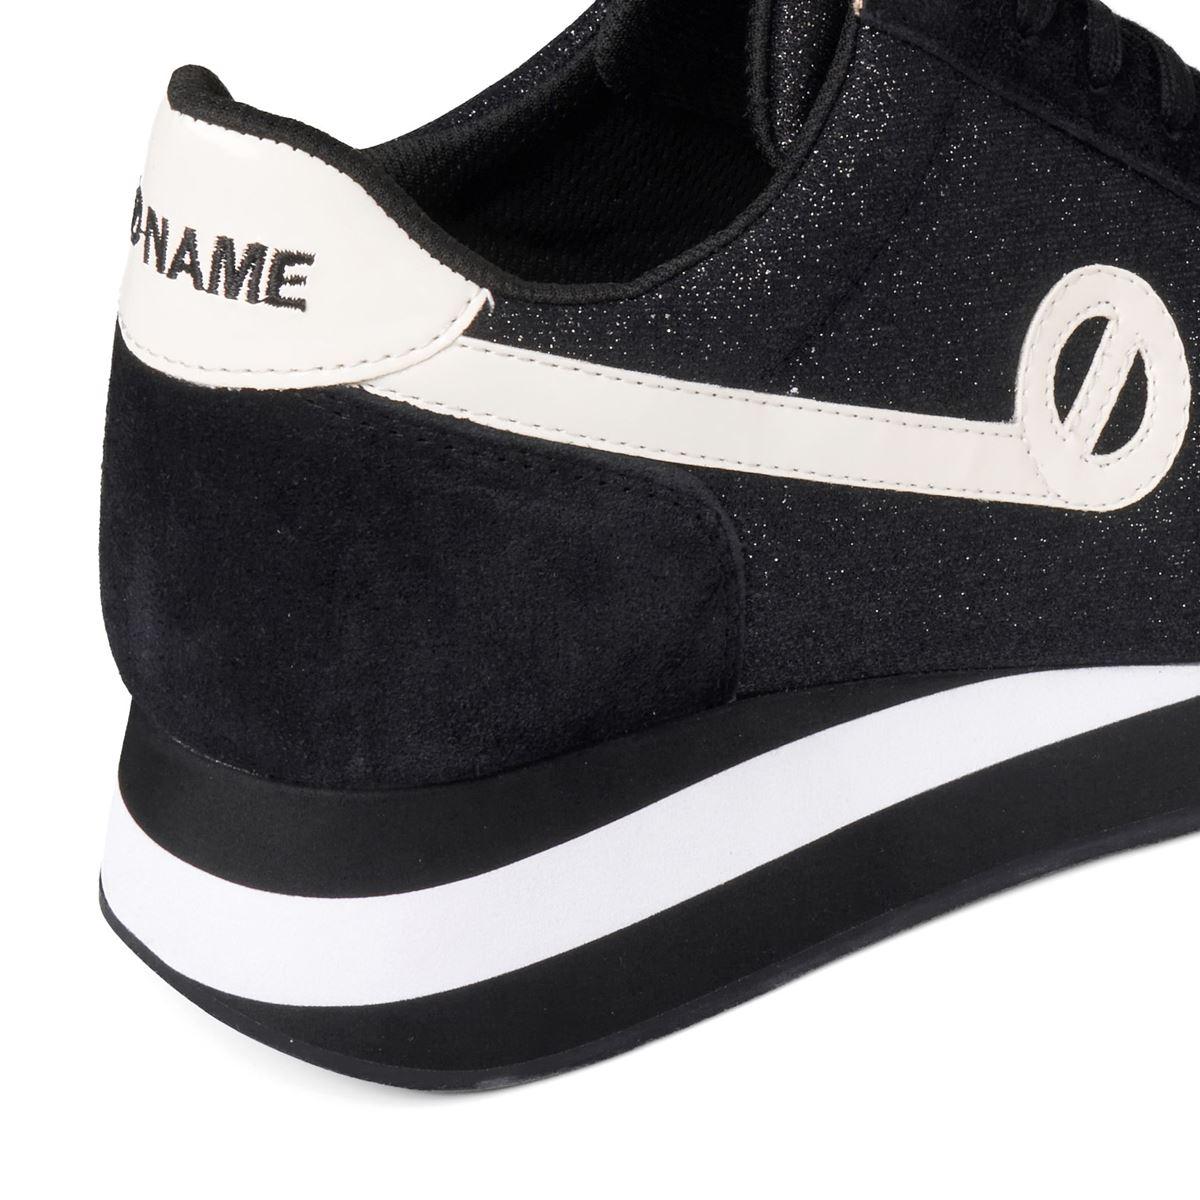 NO NAME ノーネーム スピード ブラック SPEED-01748/J